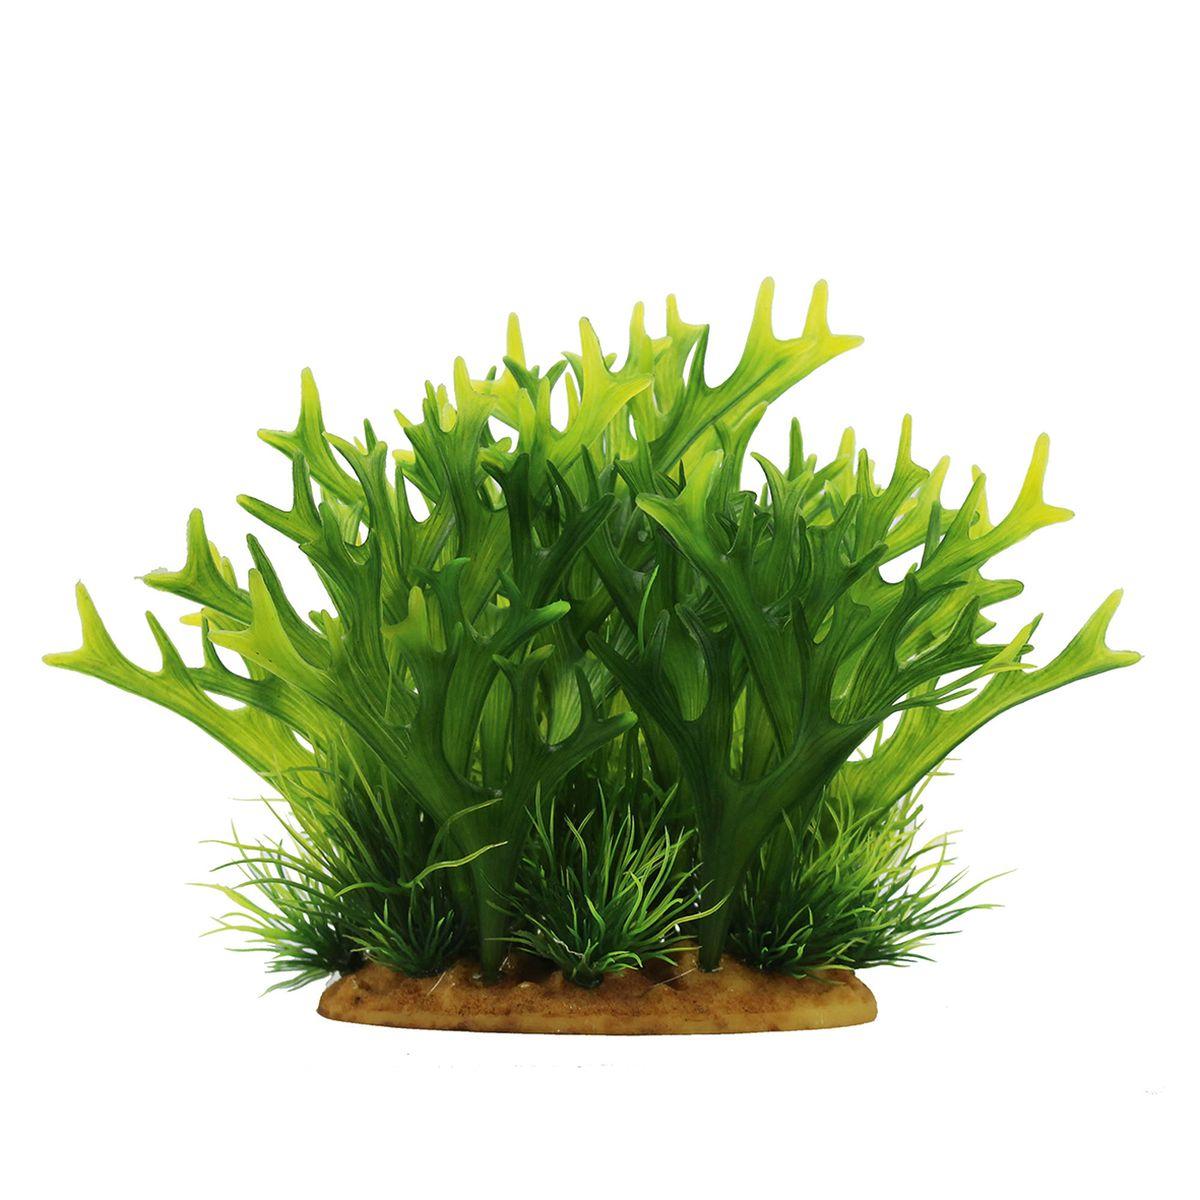 Растение для аквариума ArtUniq Платицериум, высота 15 смART-1160108Растение для аквариума ArtUniq Платицериум, высота 15 см